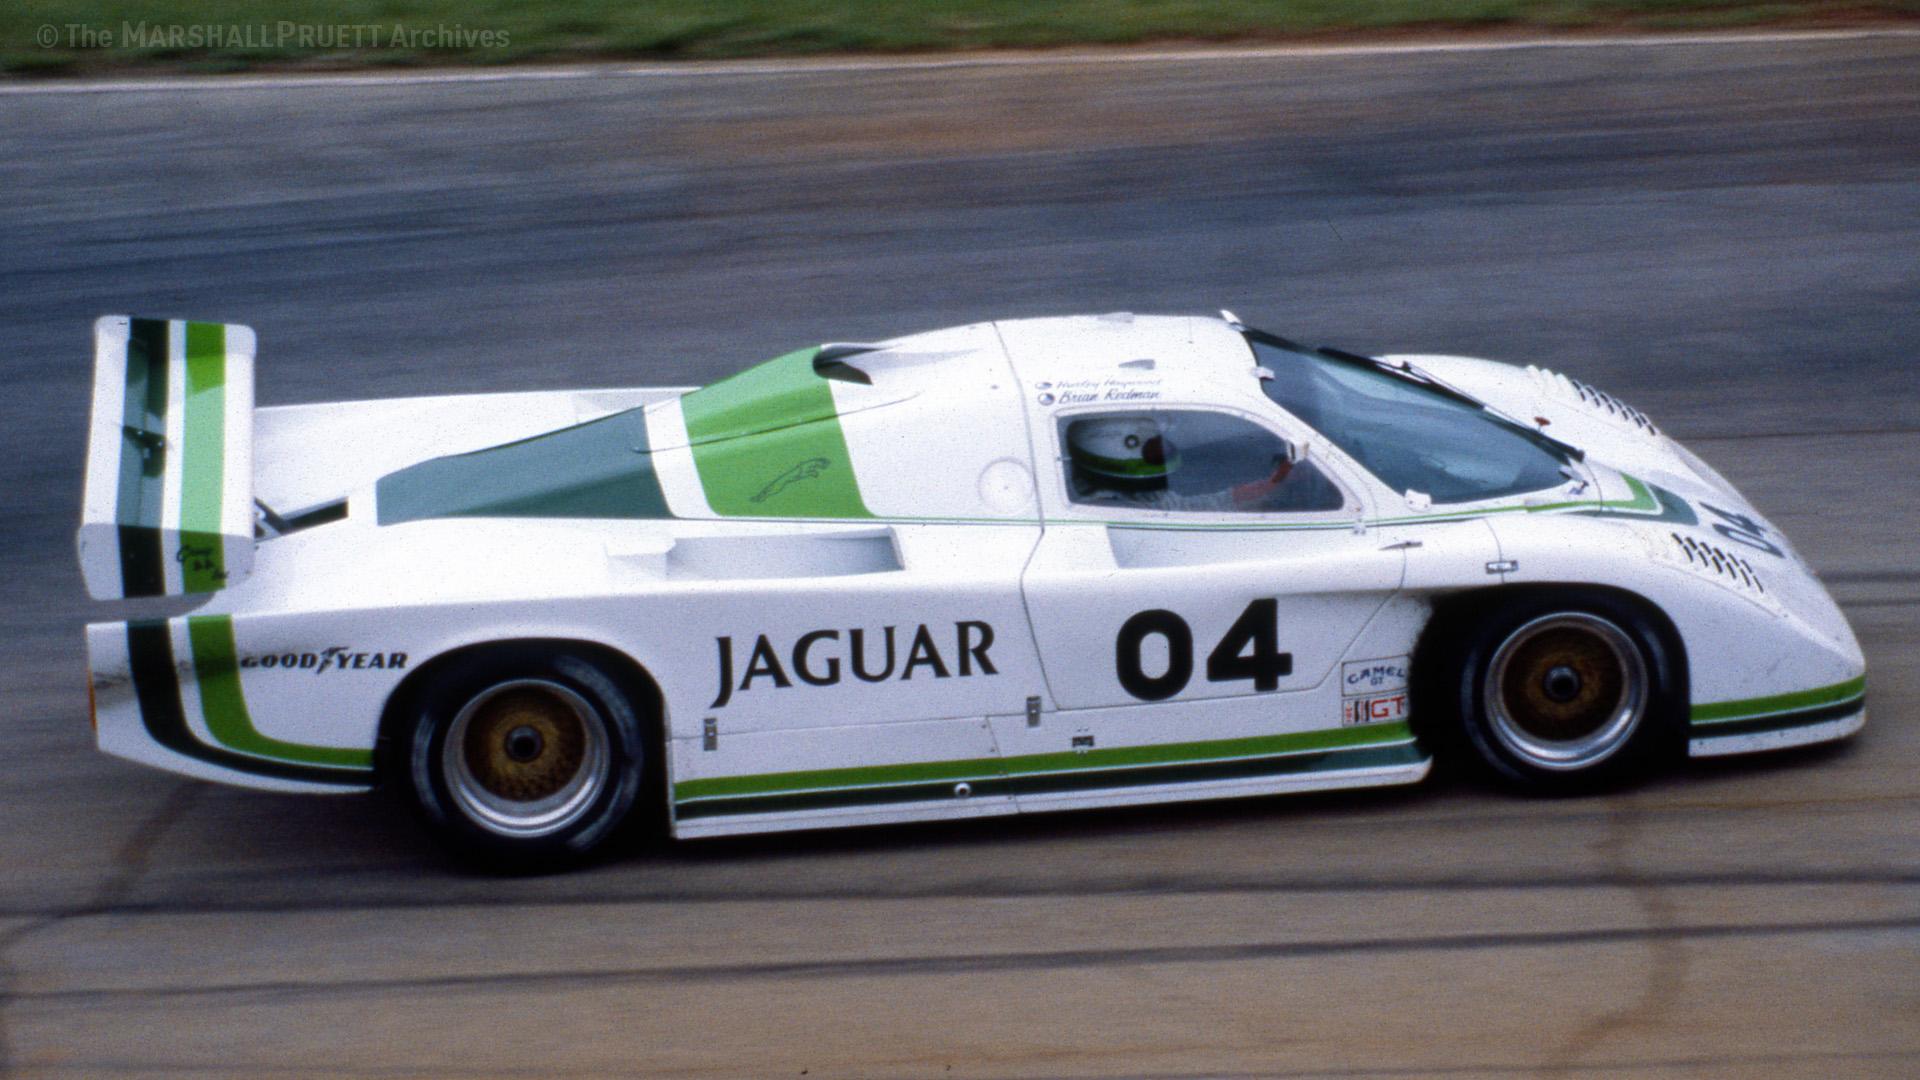 Jaguar XJR-5.